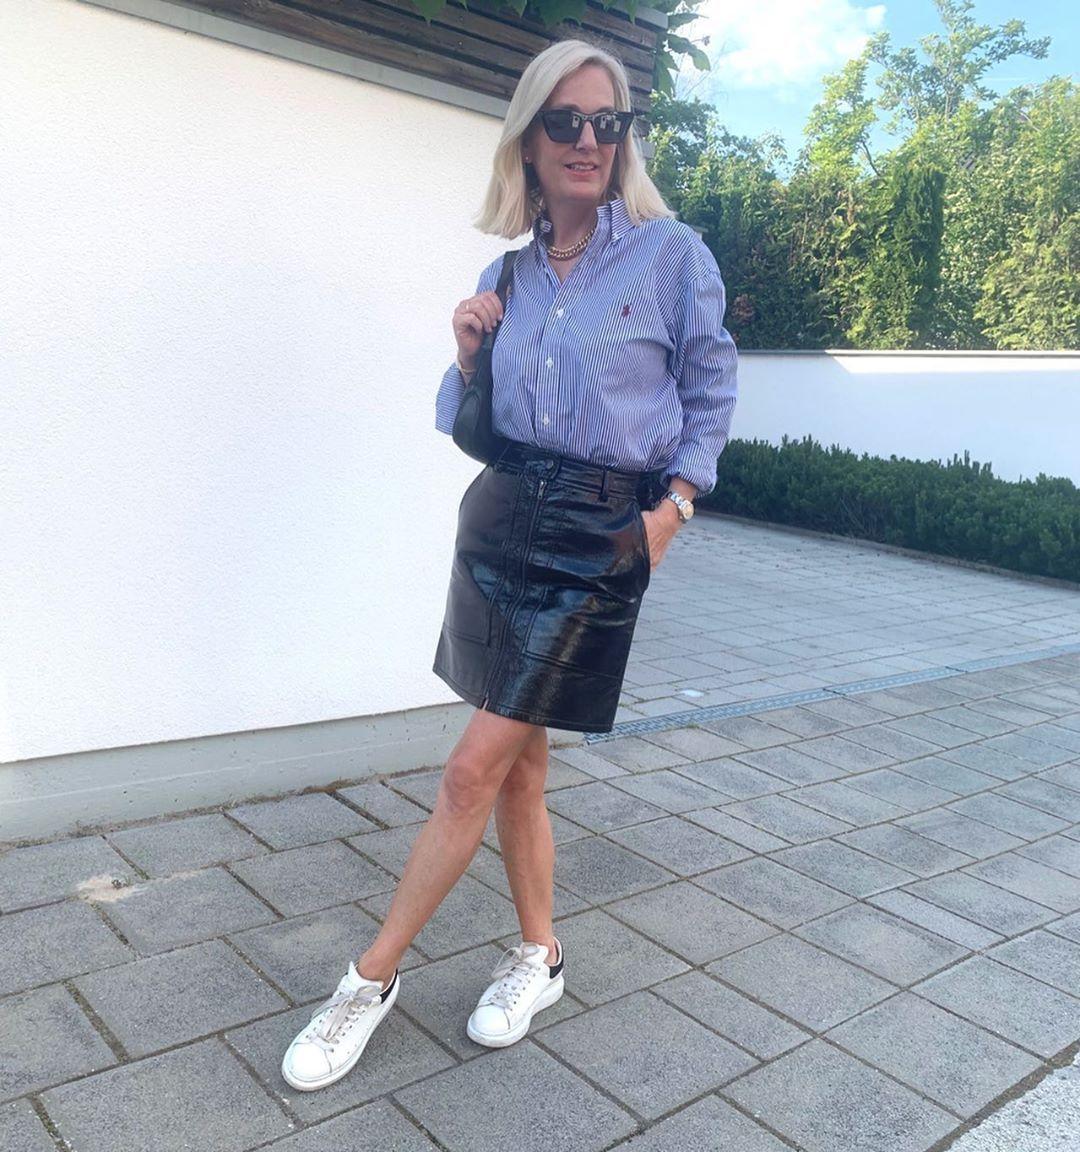 MEN'S SHIRT  Werbung/Ad  Blau-weiß gestreifte Blusen im  Herrenhemden-Look sind hip. Ich mag sie besonders gerne zu coolen Lederröcken. #mensshirt  #gestreiftebluse #casualstyle #vinylrock #leatherskirt #styleoftheday #favoritstyle #ootdshare #streetstyle #styleiswhat #instafashionista #fashionpost #todaysoutfit #luxurystreetwear  #urbanstreetstyle #stylish #streetwearfashion #outfitpost #ootd #lookoftheday #currentlywearing #wiwtoday #ü40blogger #ralphlauren #classy #preppystyle #coolstyle #sne